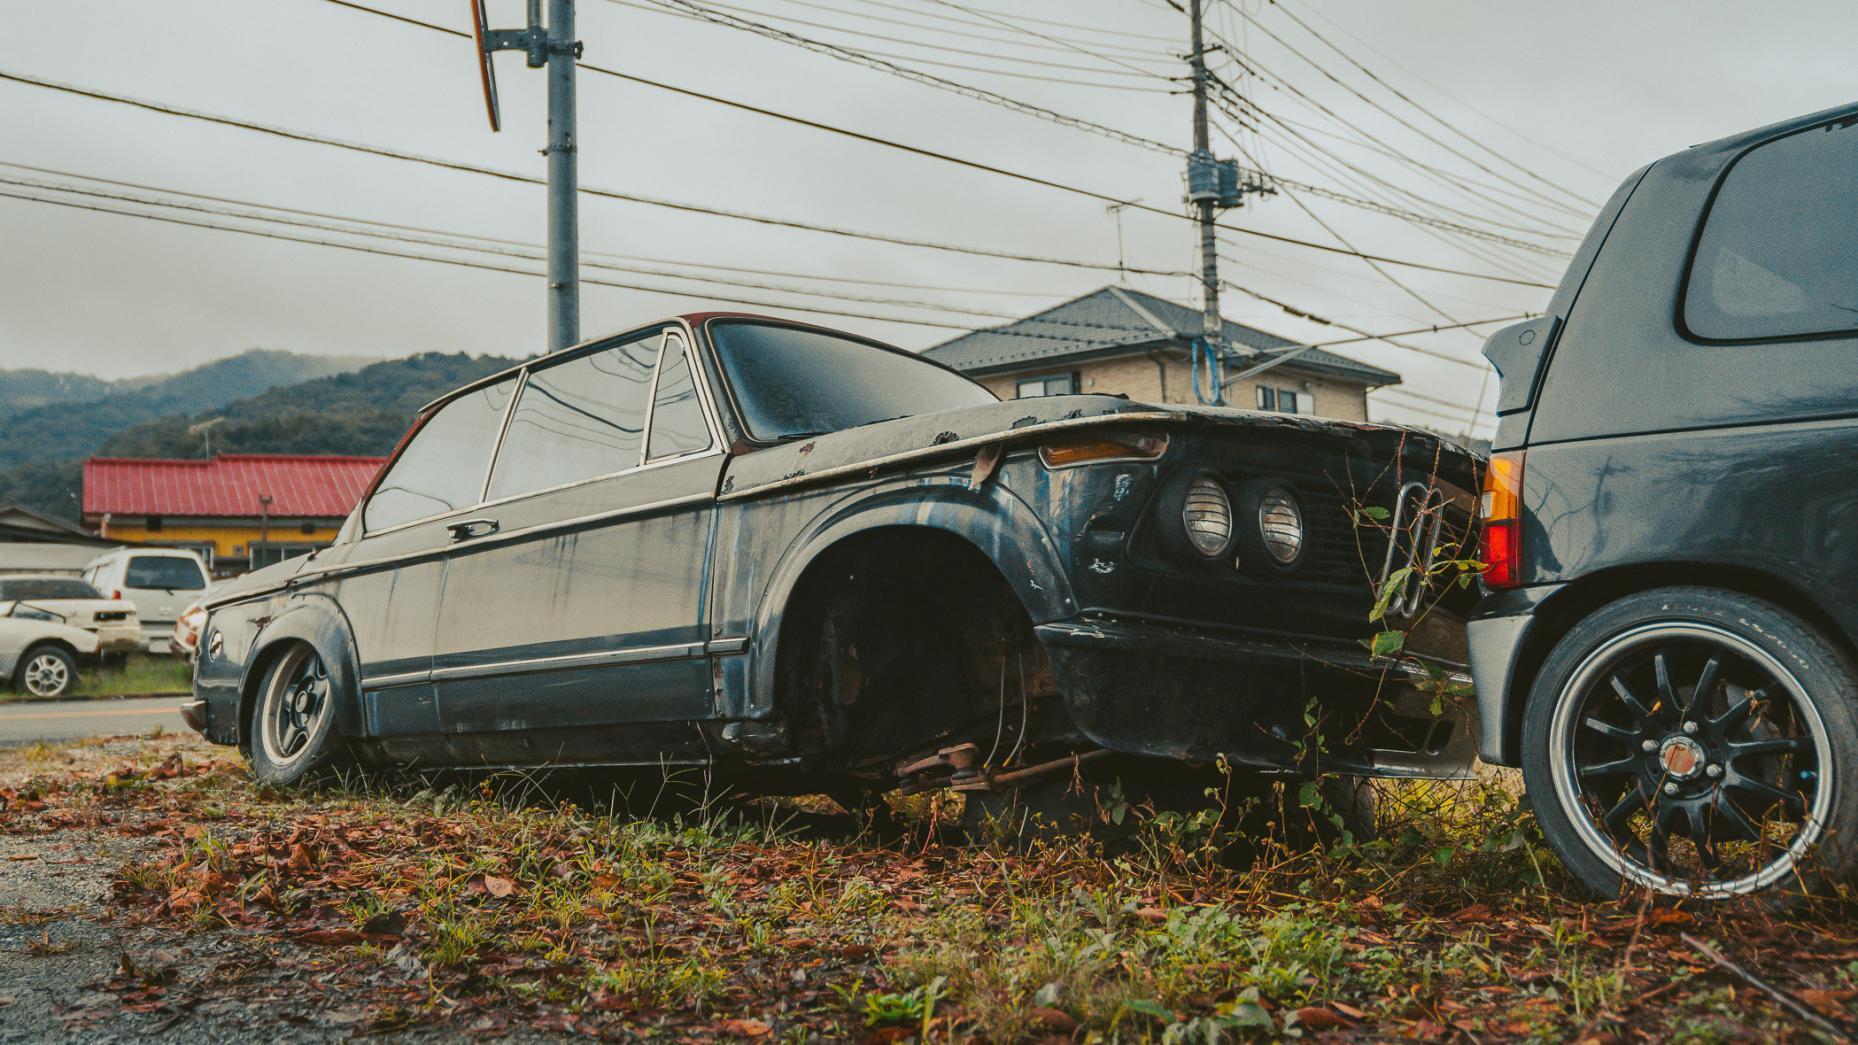 Japans autokerkhof Alpina zonder voorbanden